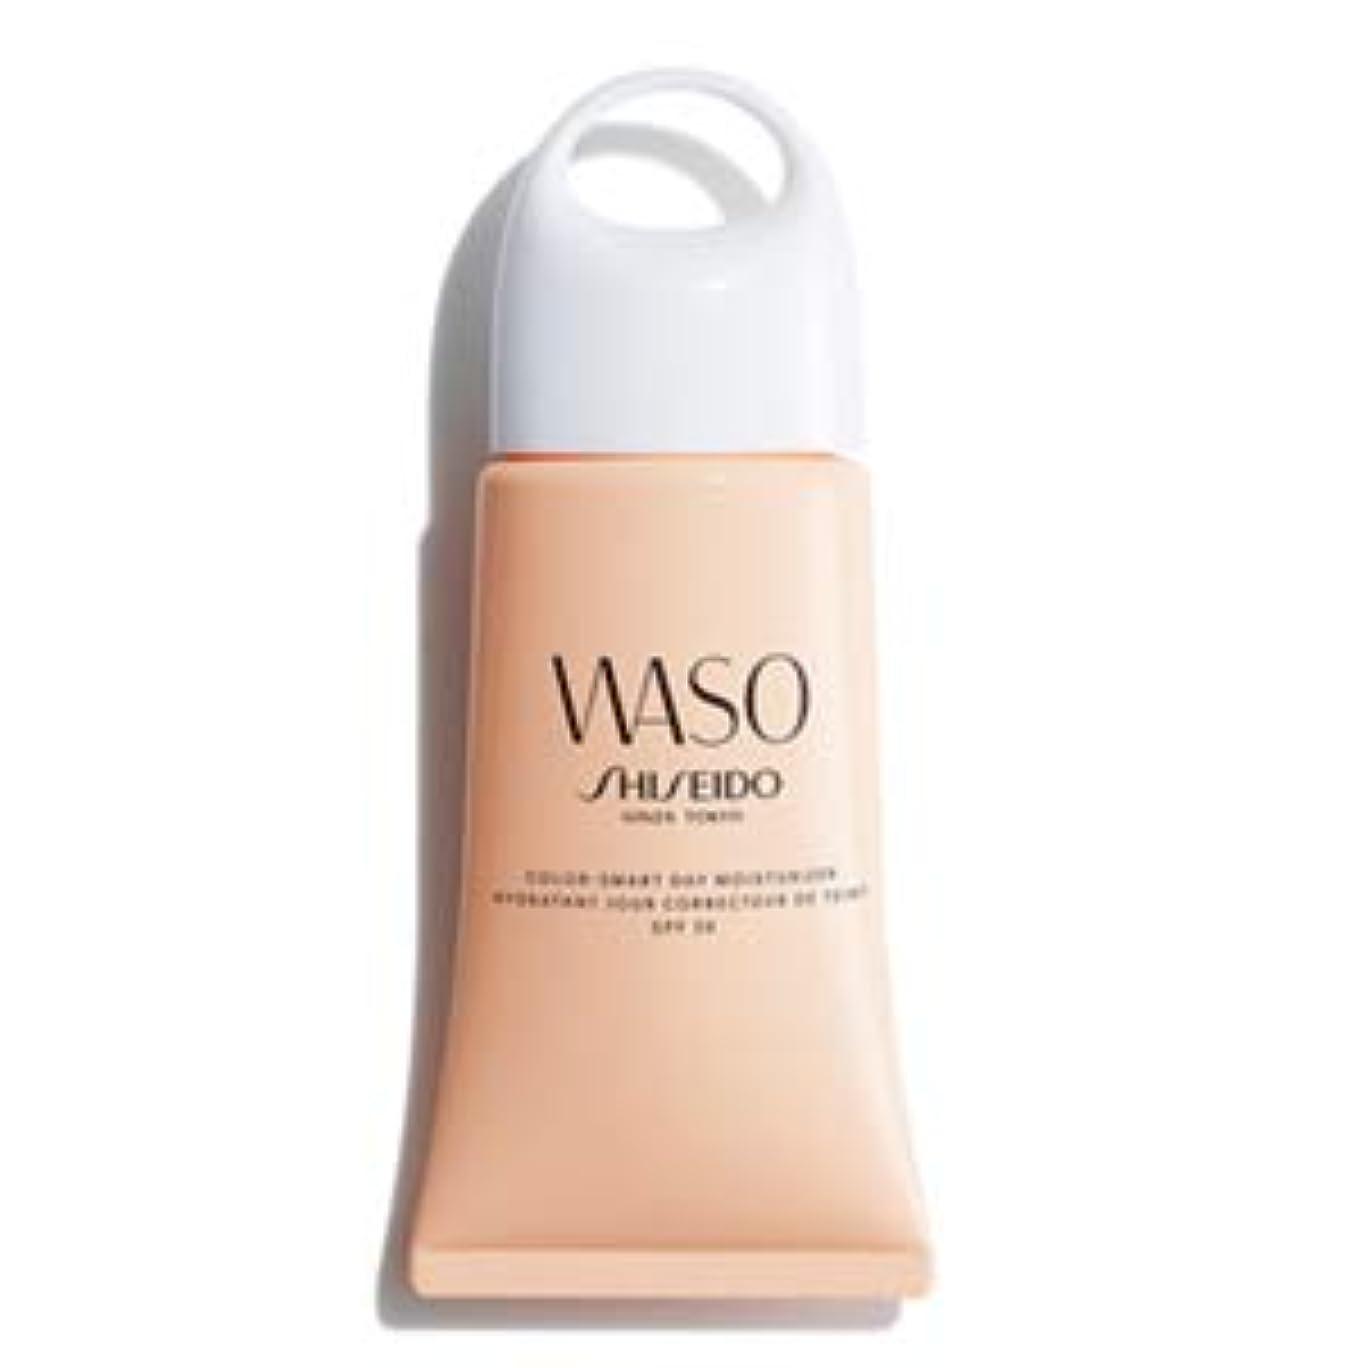 先例天皇名詞WASO(ワソウ) カラー スマート デー モイスチャライザー PA+++ / SPF30 (日中用乳液)_53g